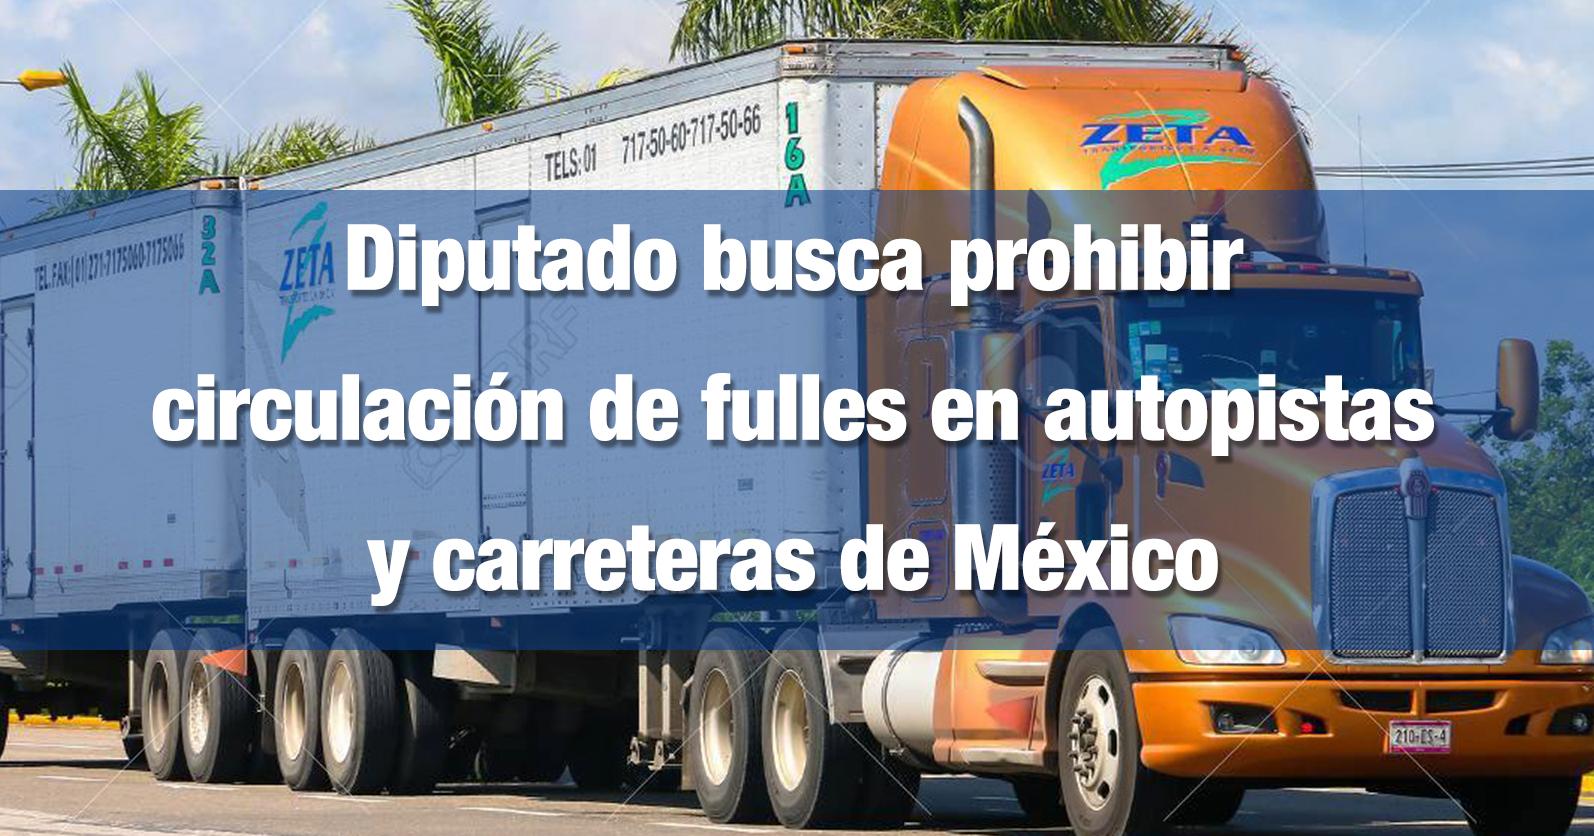 Diputado busca prohibir circulación de fulles en autopistas y carreteras de México